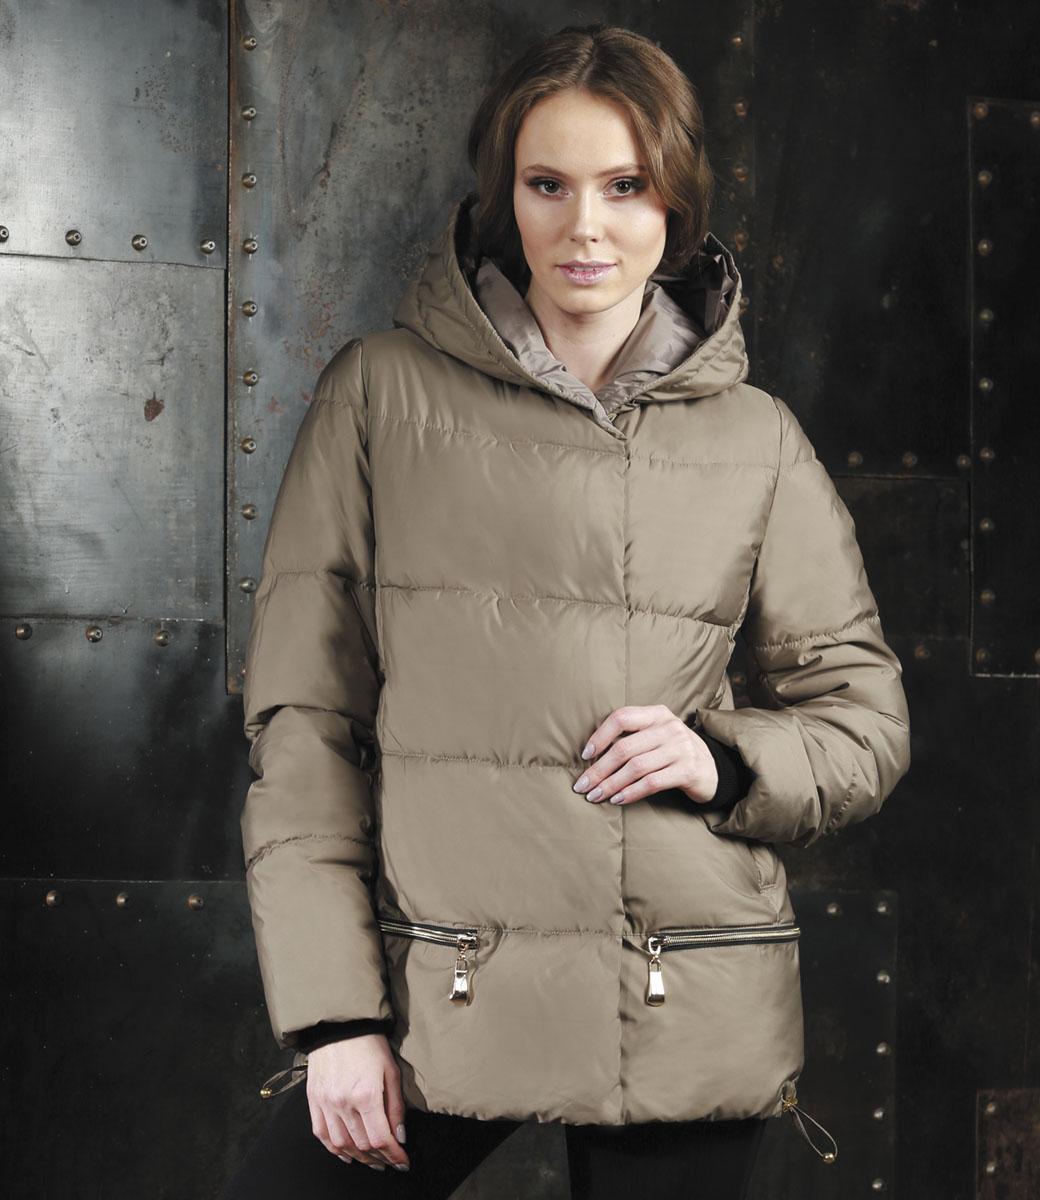 КурткаAL-2965/1Стильная женская куртка Grishko изготовлена из полиамида. В качестве утеплителя используется полиэфирное волокно. Куртка с несъемным капюшоном, оформленным съемным натуральным мехом енота, застегивается на застежку-молнию и на ветрозащитный клапан с кнопками. Спереди расположены два прорезных кармана на кнопках. Нижняя часть модели регулируется с помощью шнурка со стопперами.